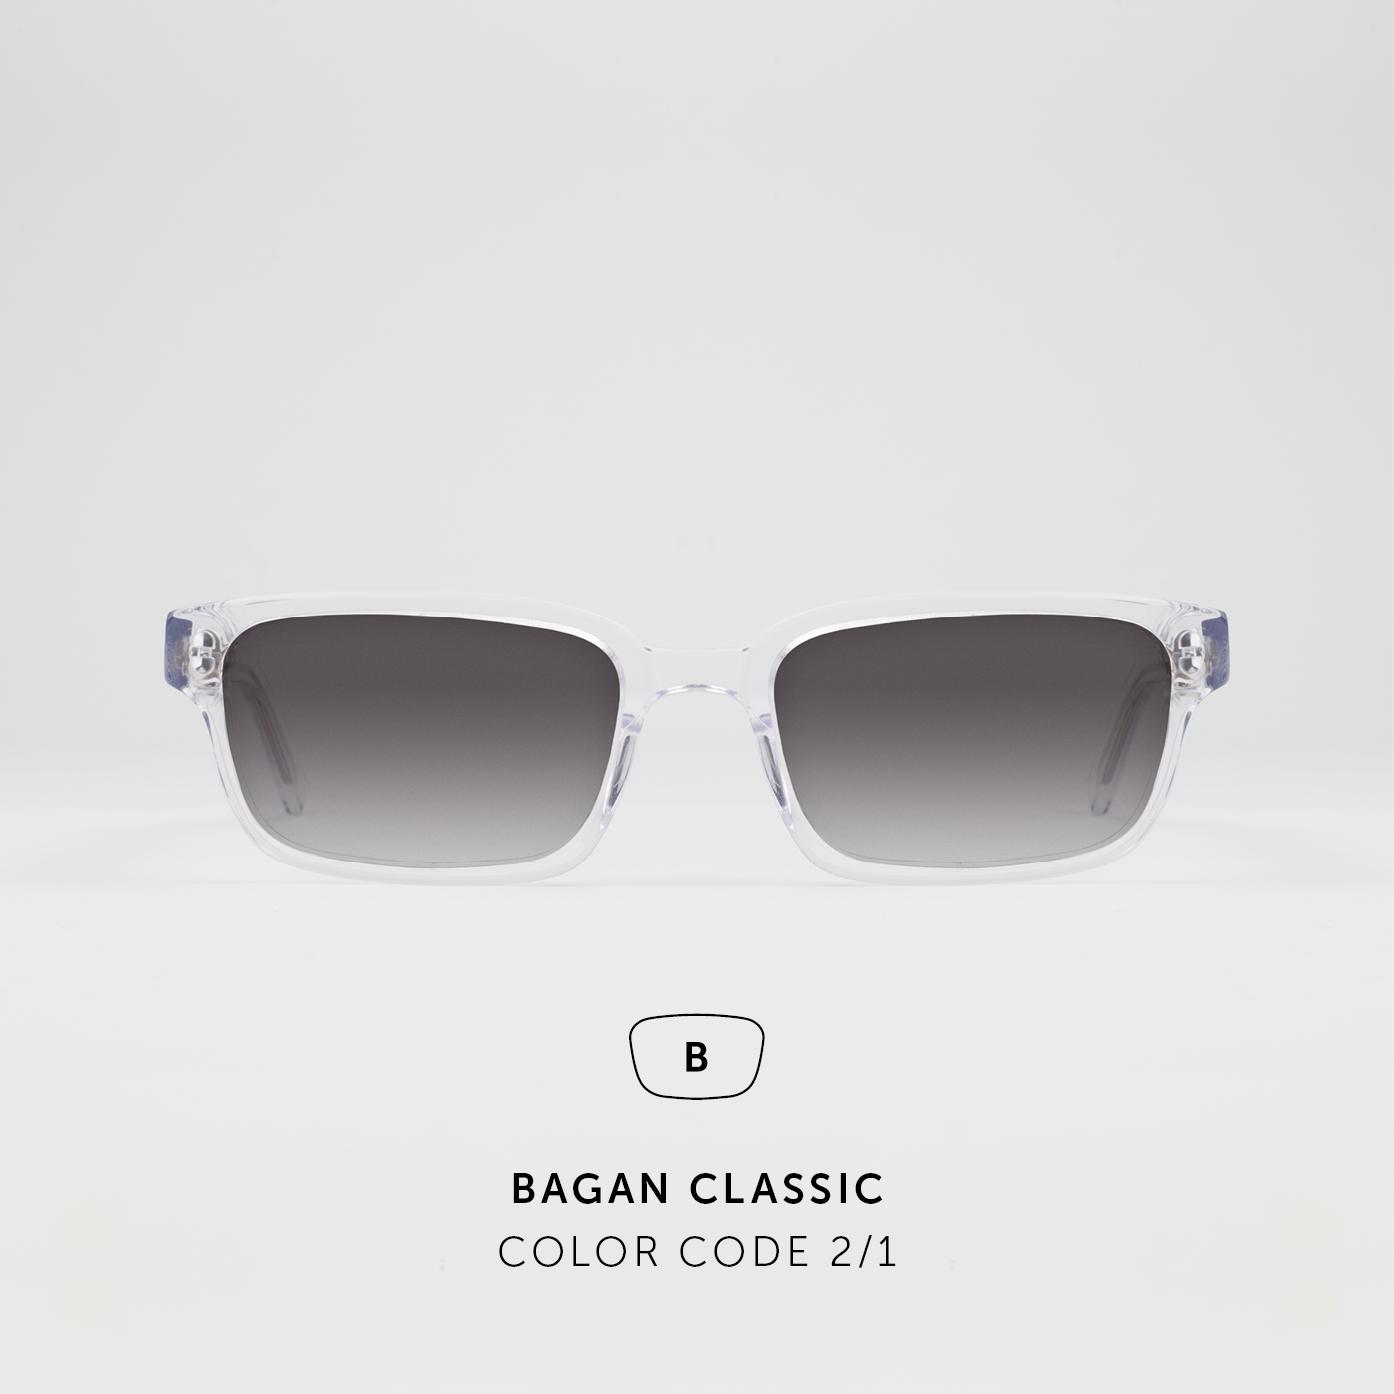 BaganClassic11.jpg